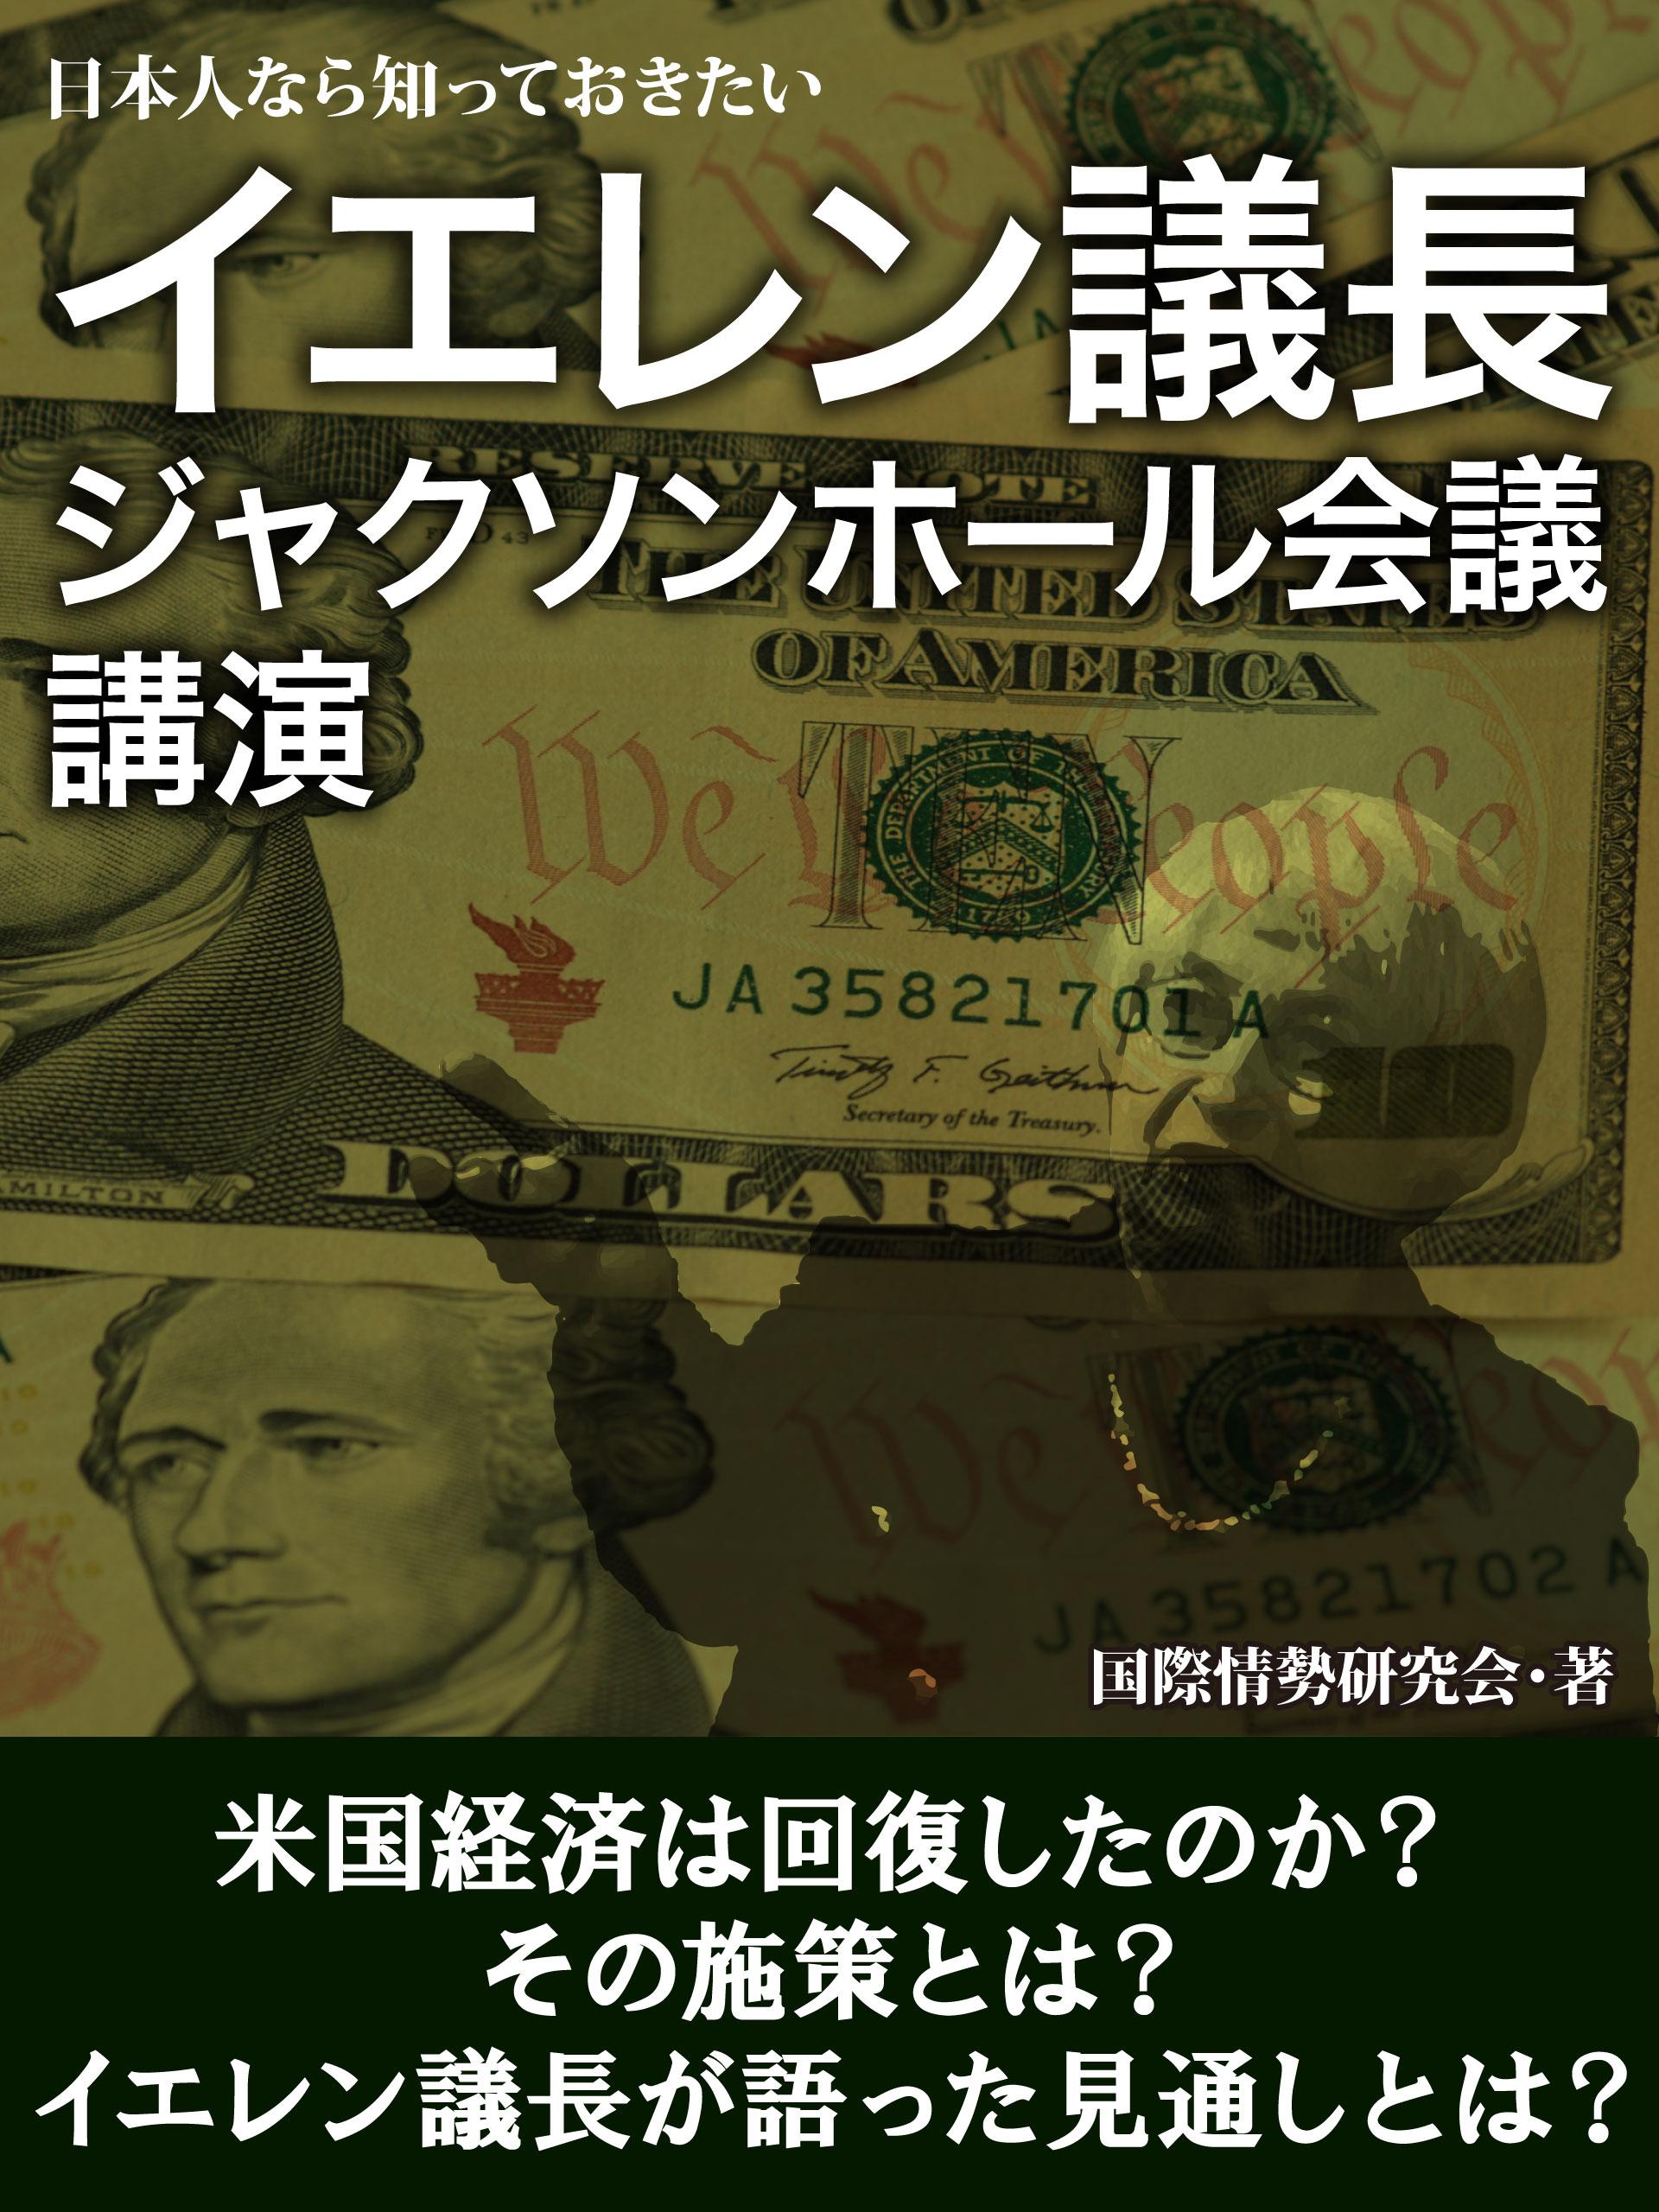 日本人なら知っておきたい イエレン議長 ジャクソンホール会議 講演